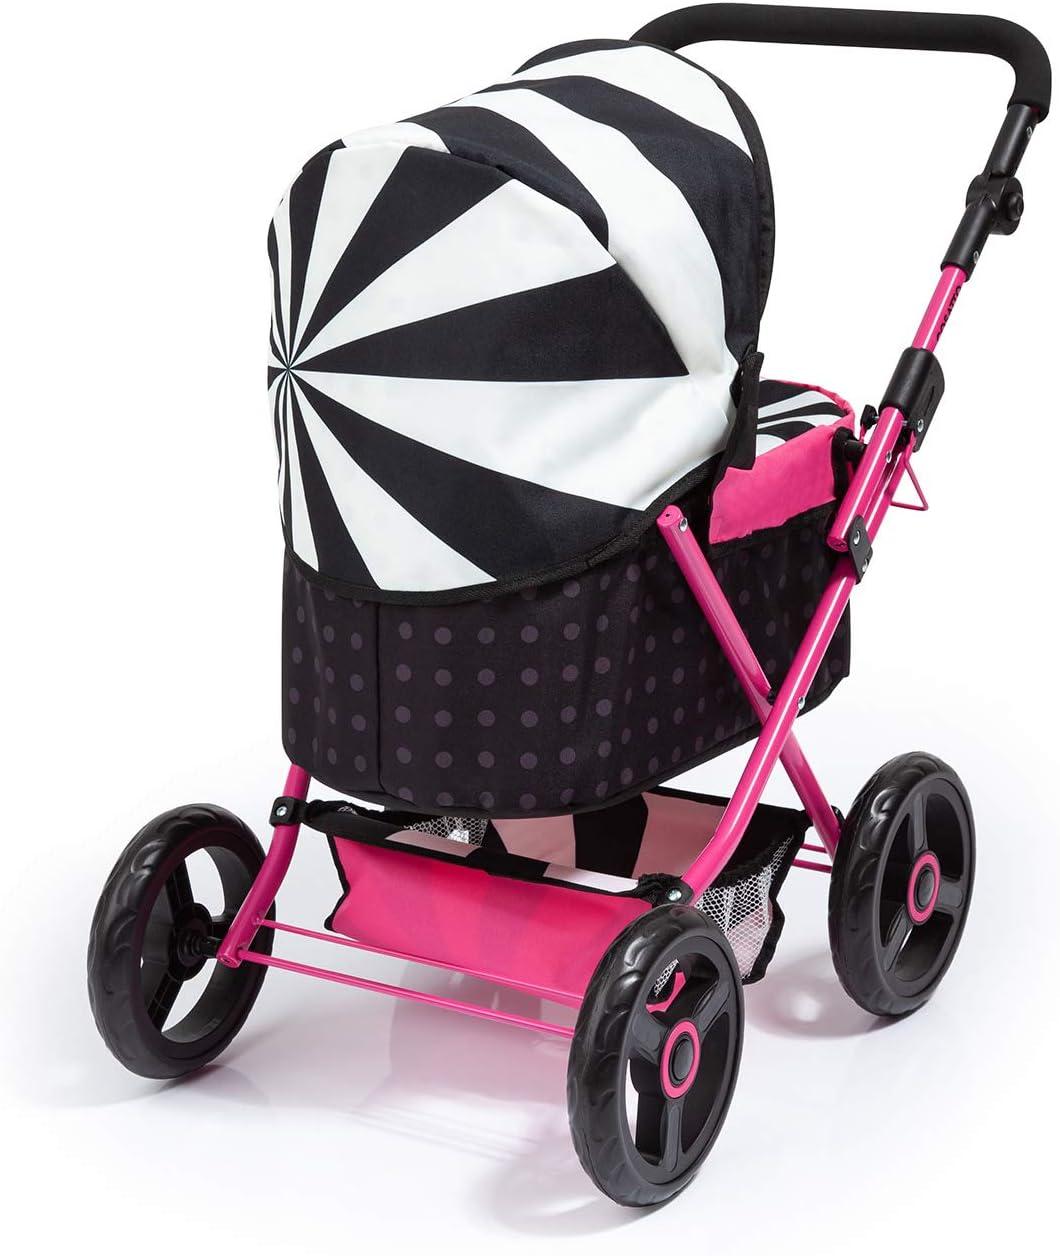 Color Negro Bayer Design- Cochecito de Mu/ñeca Cosatto CABI 13004AB con Bolso Cambiador Rosa Plegable Ajustable Blanco